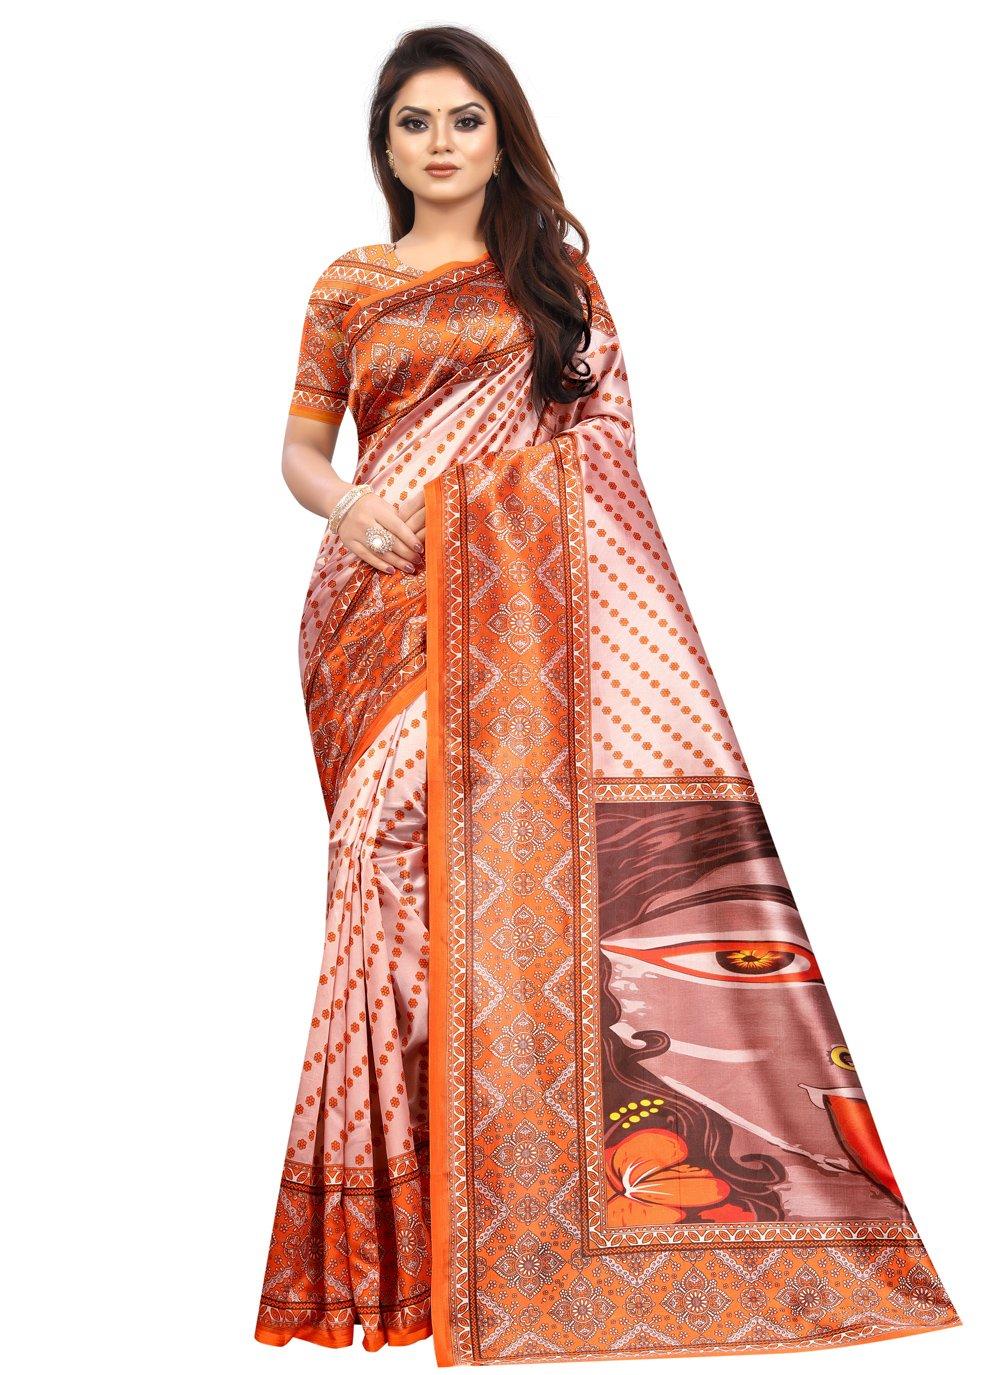 Abstract Print Raw Silk Printed Saree